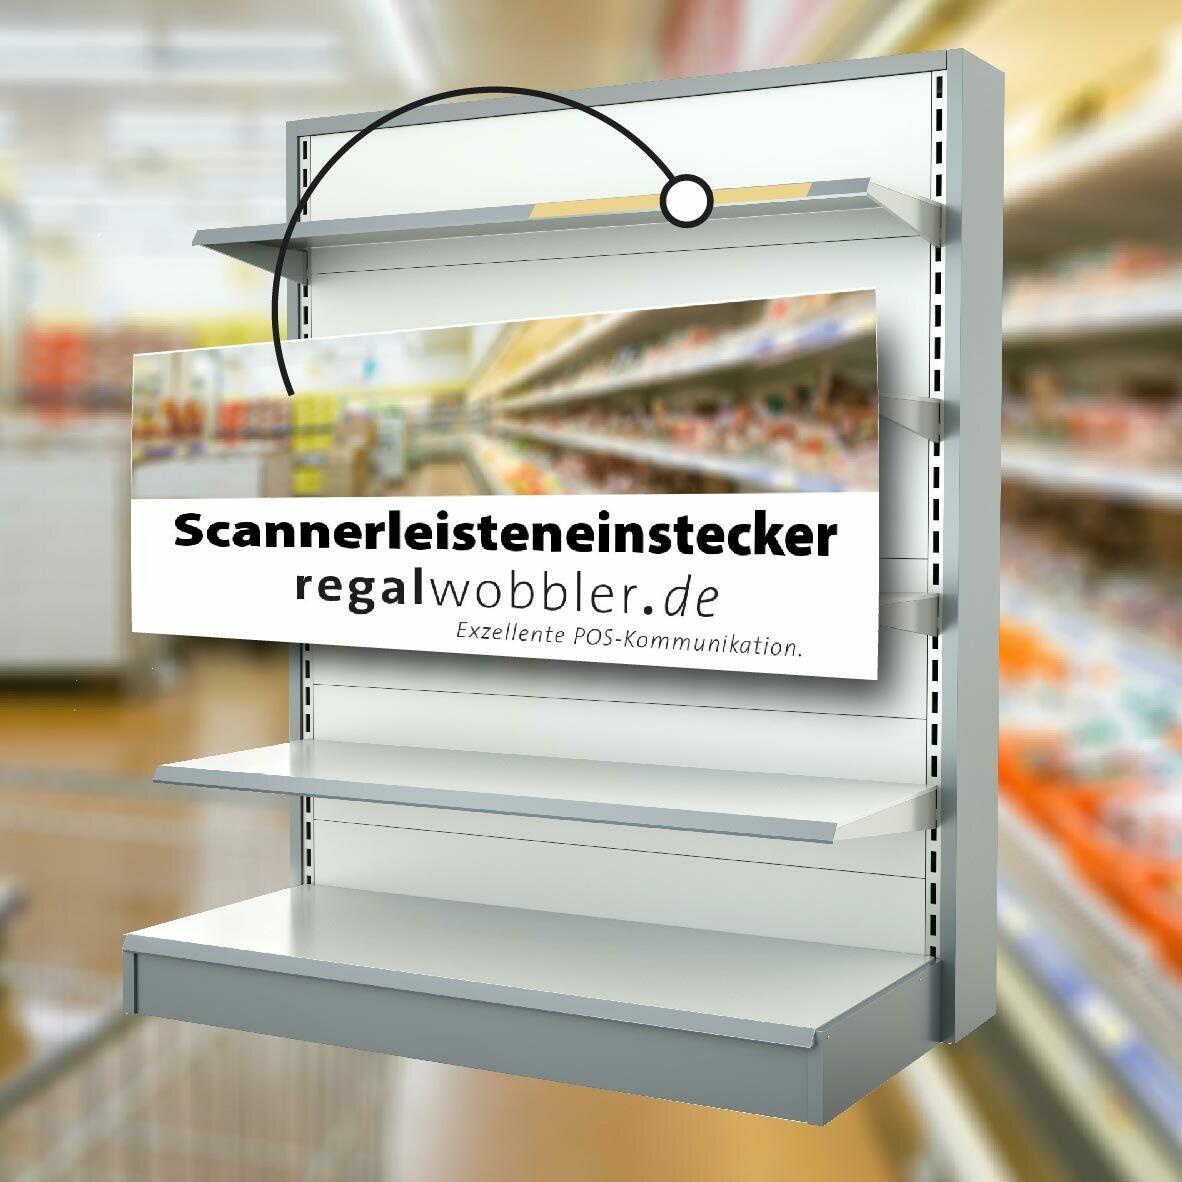 Scannerleisteneinleger in Ihrer individuelle Größe und Sonderform bis 100 mm Breite